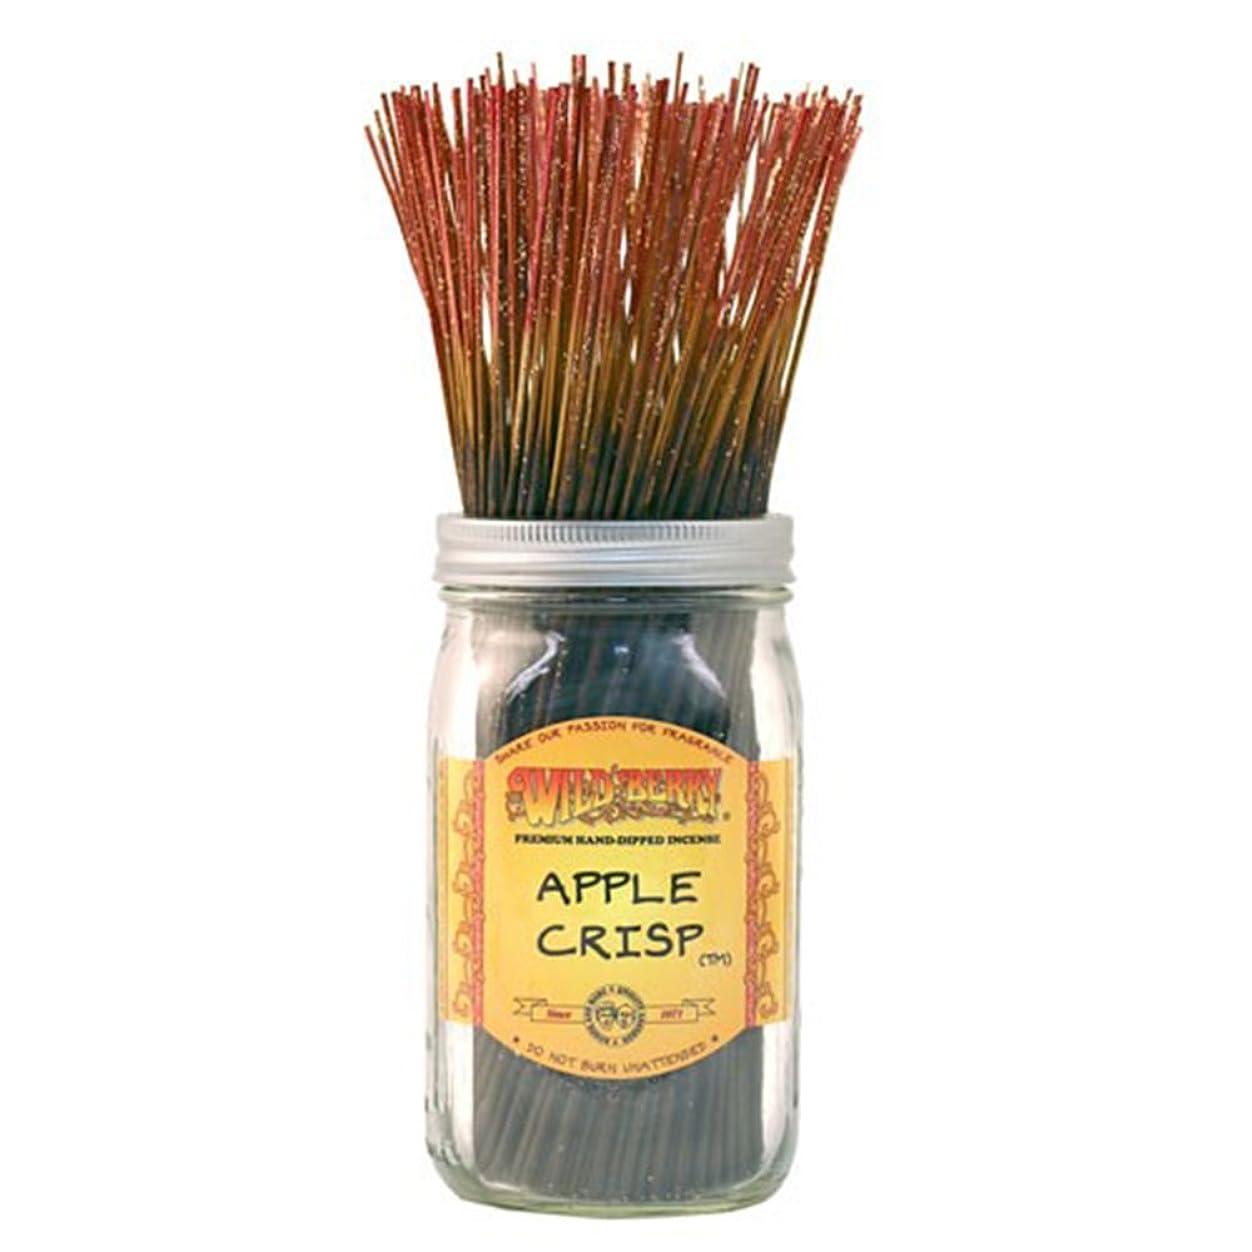 狂乱ミリメートル賠償Wild Berry Apple Crisp, Highly Fragranced Incense Sticksバルクパック、100ピース、11インチ